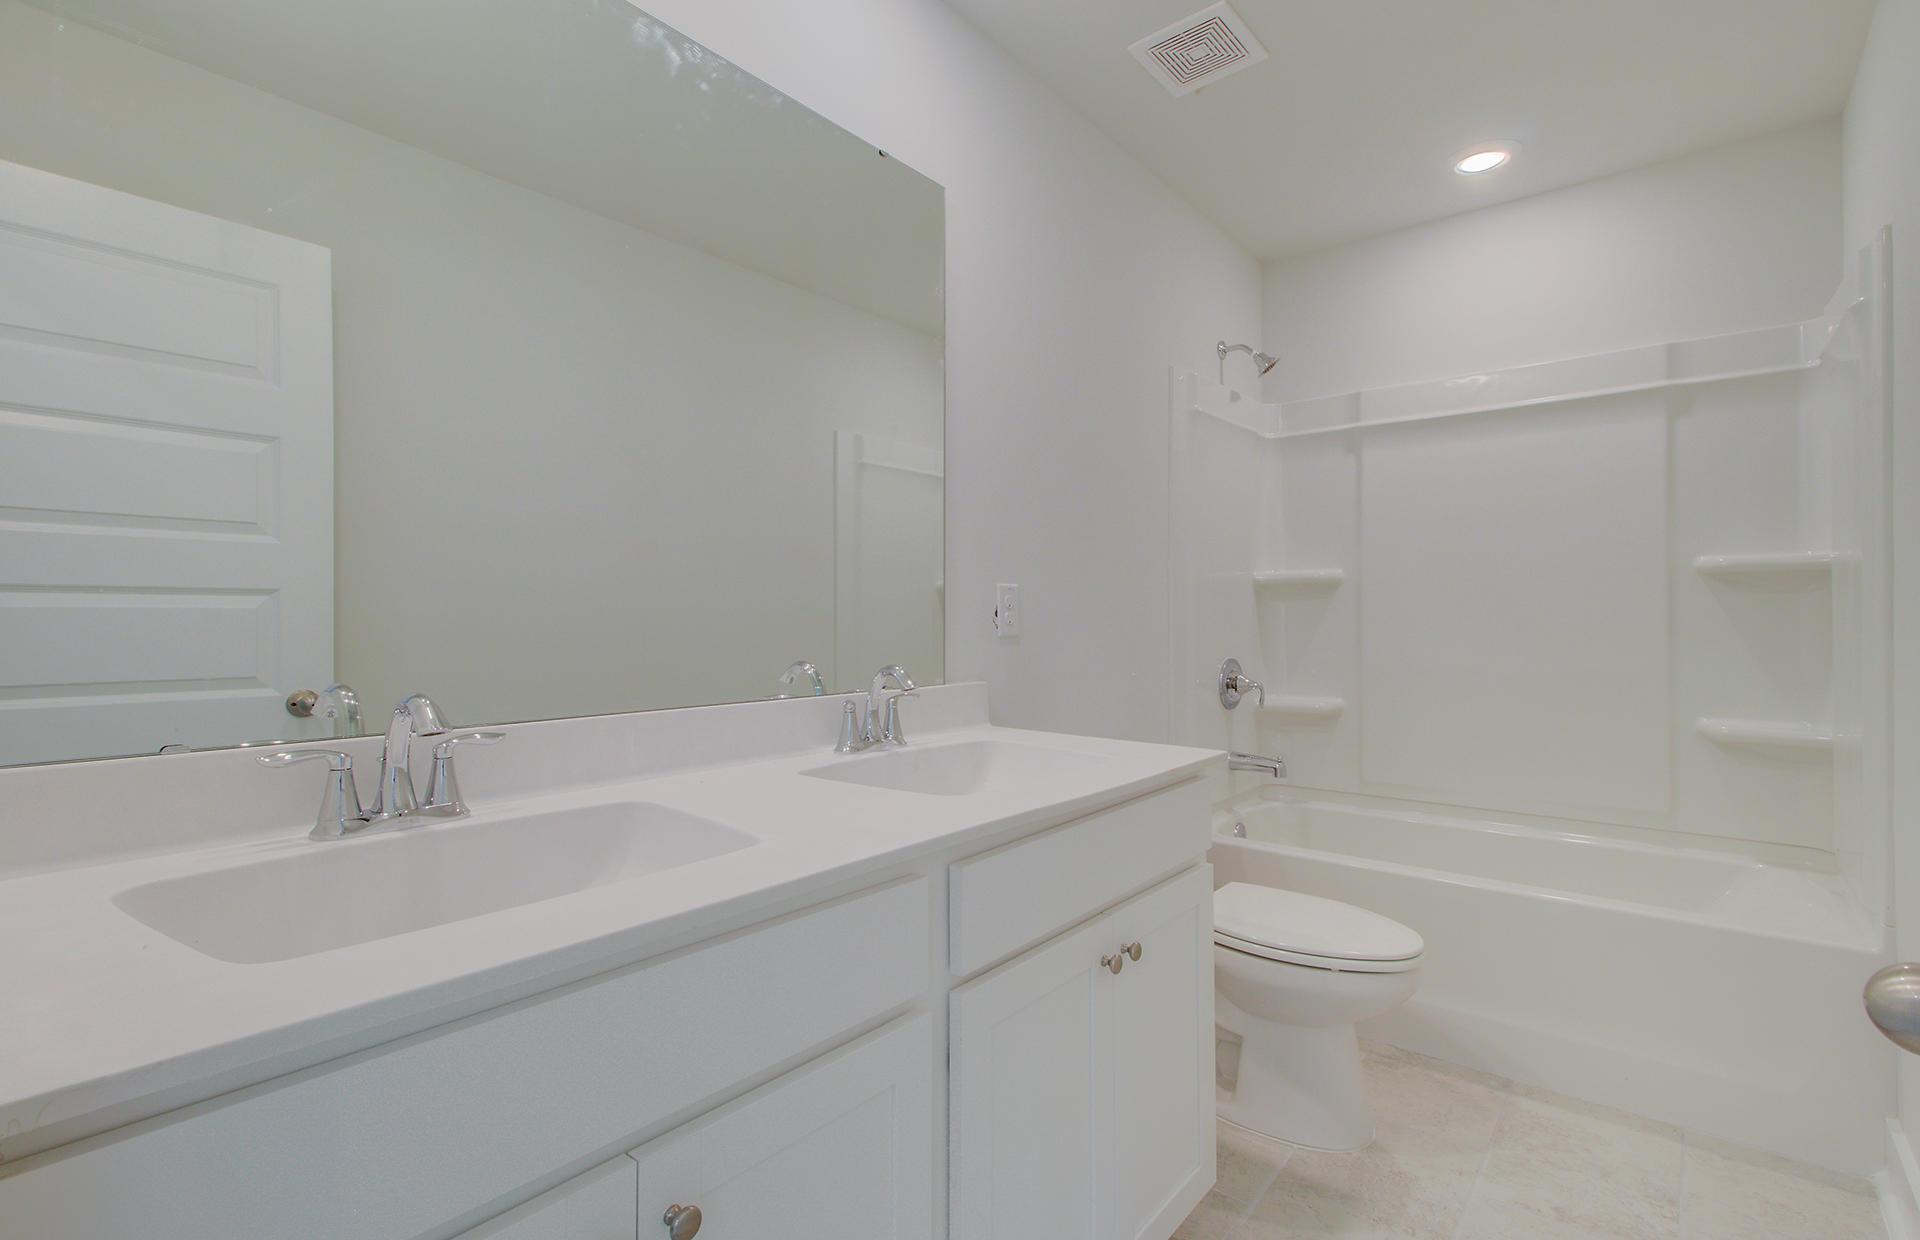 Park West Homes For Sale - 3013 Caspian, Mount Pleasant, SC - 21